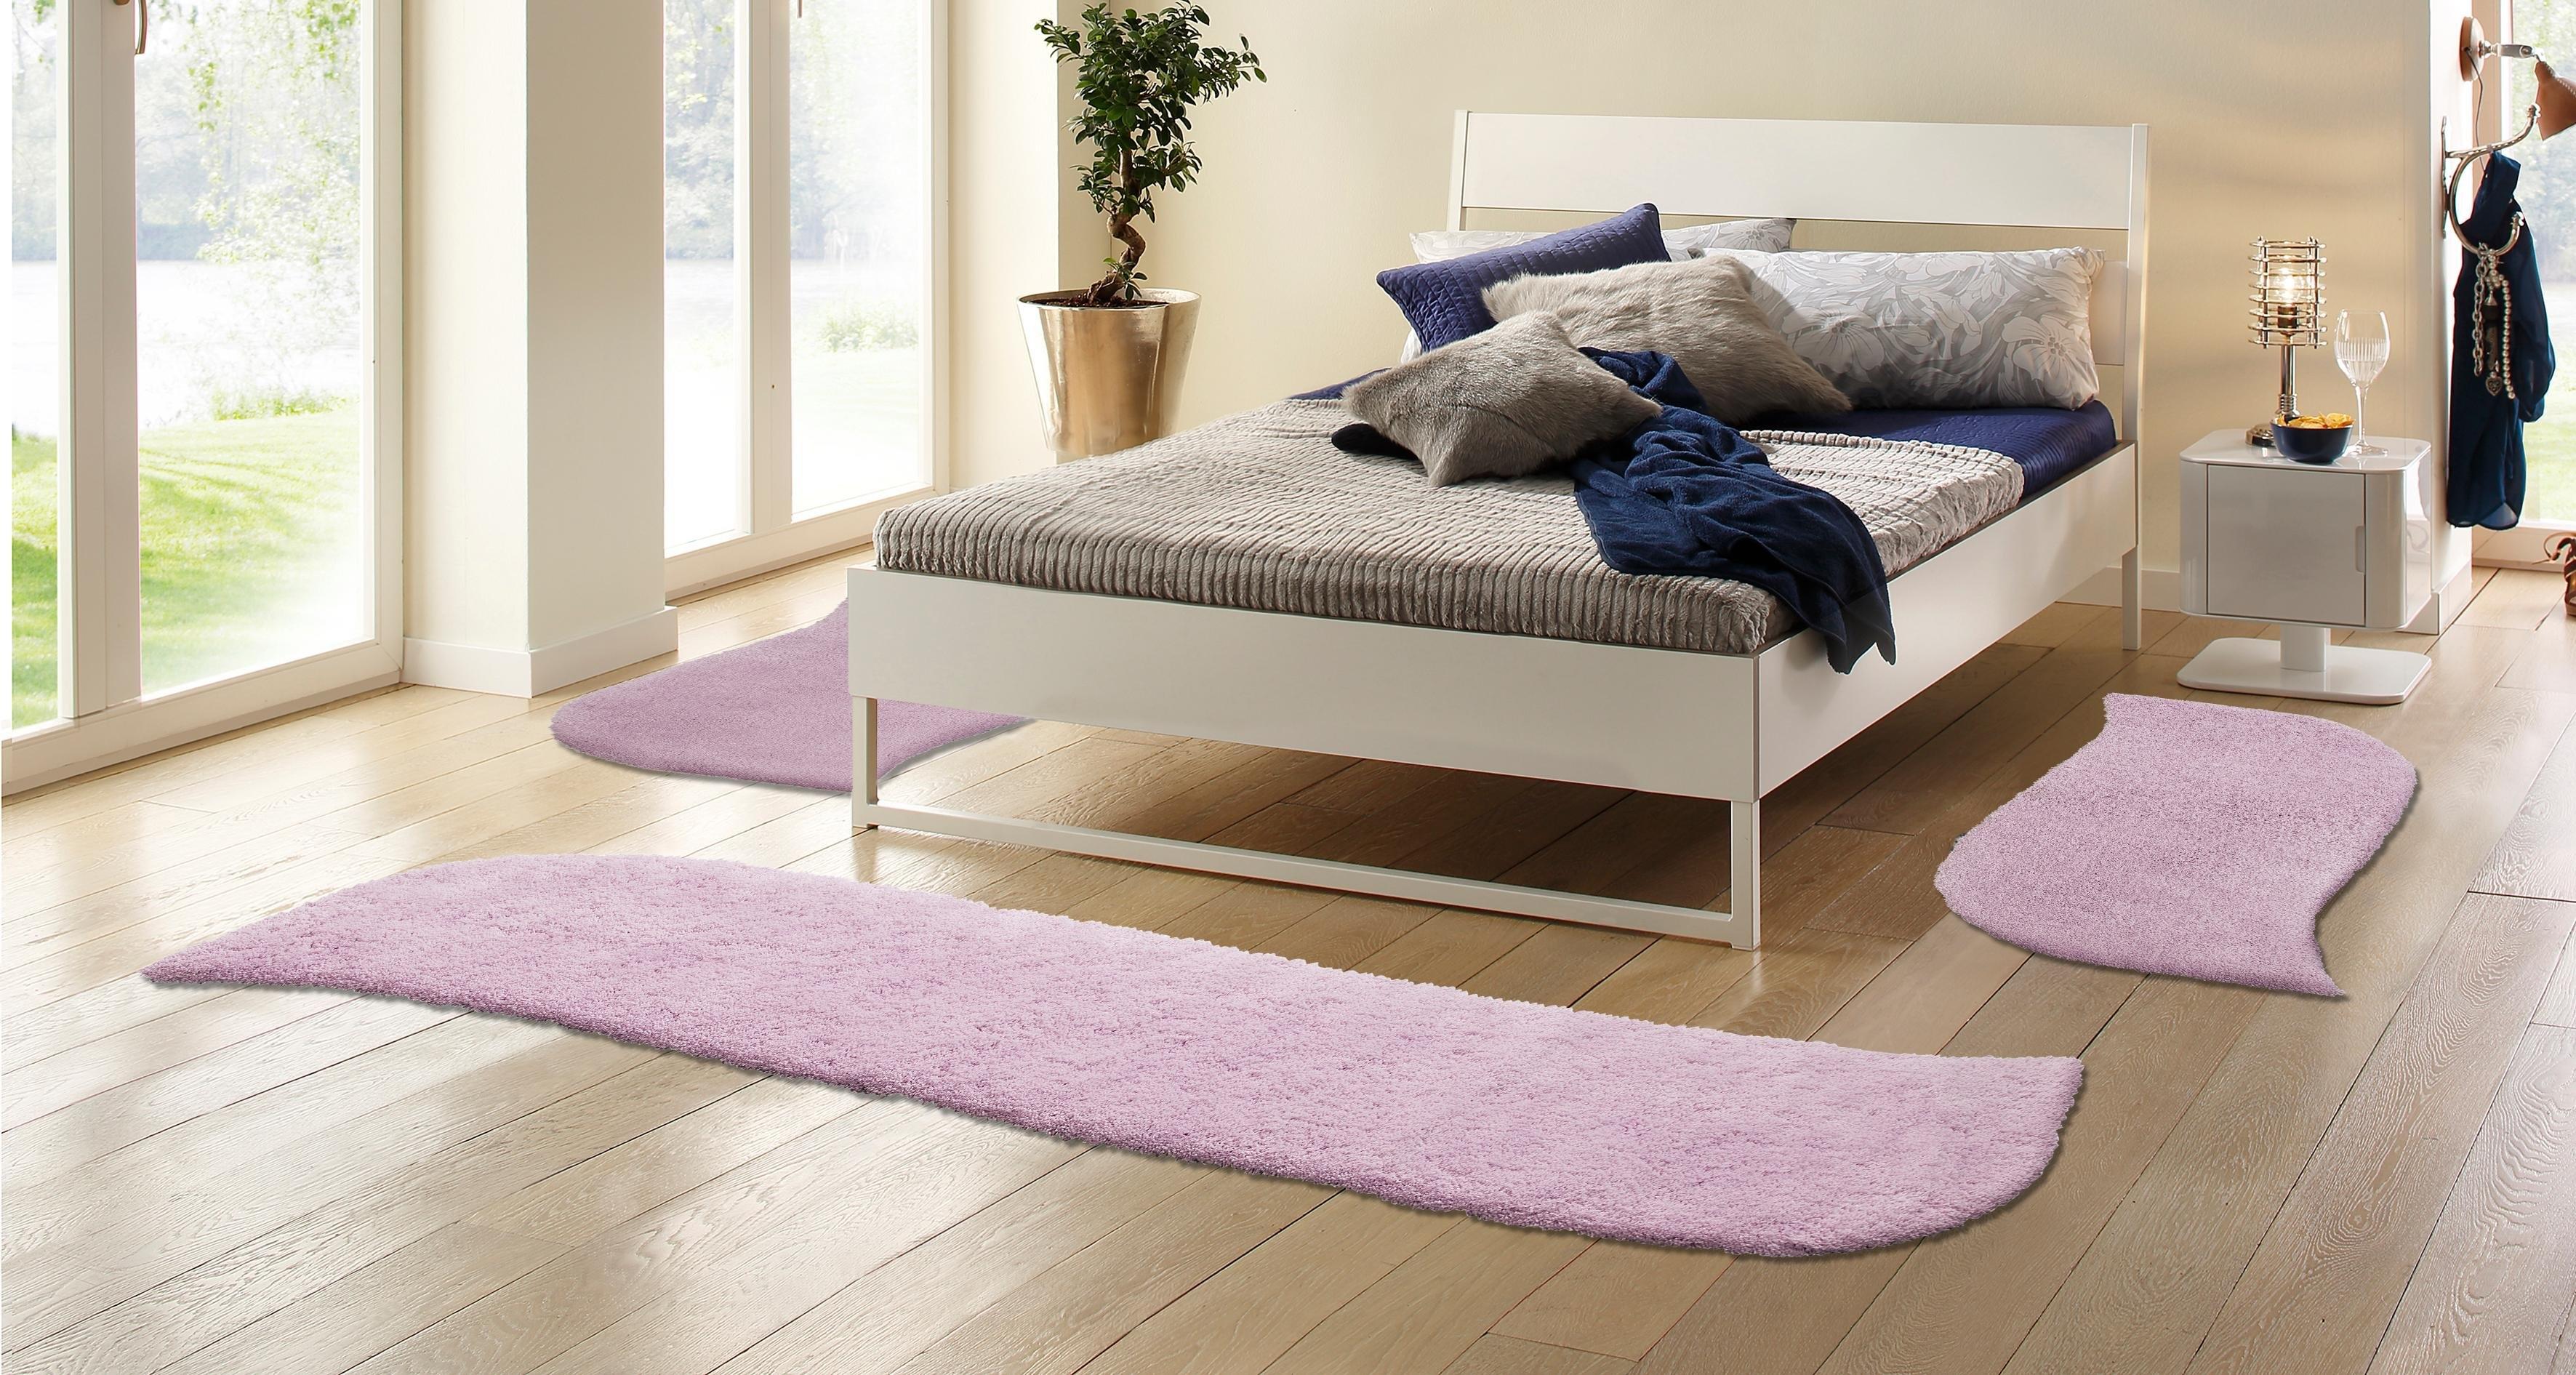 my home set slaapkamerkleedjes met hoge pool Desner bijzonder zacht door microfiber voordelig en veilig online kopen